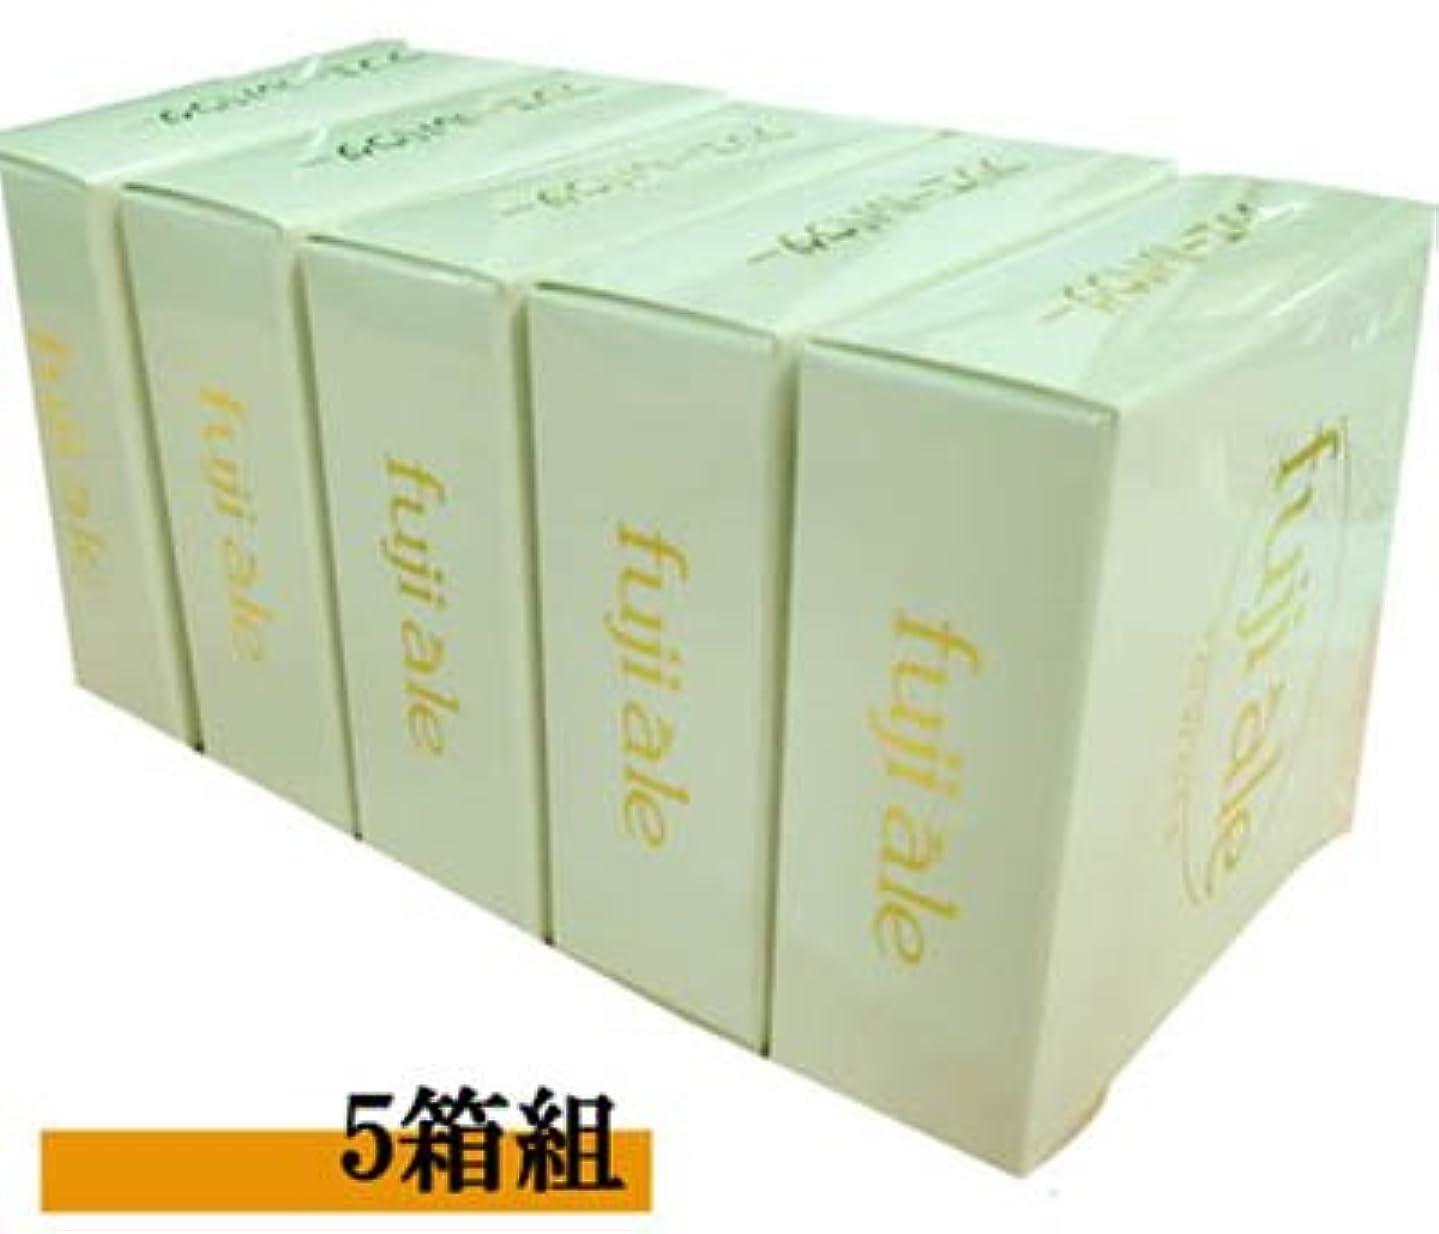 生き残り数アクセサリー薬用フジエールパウダー30g 5箱組